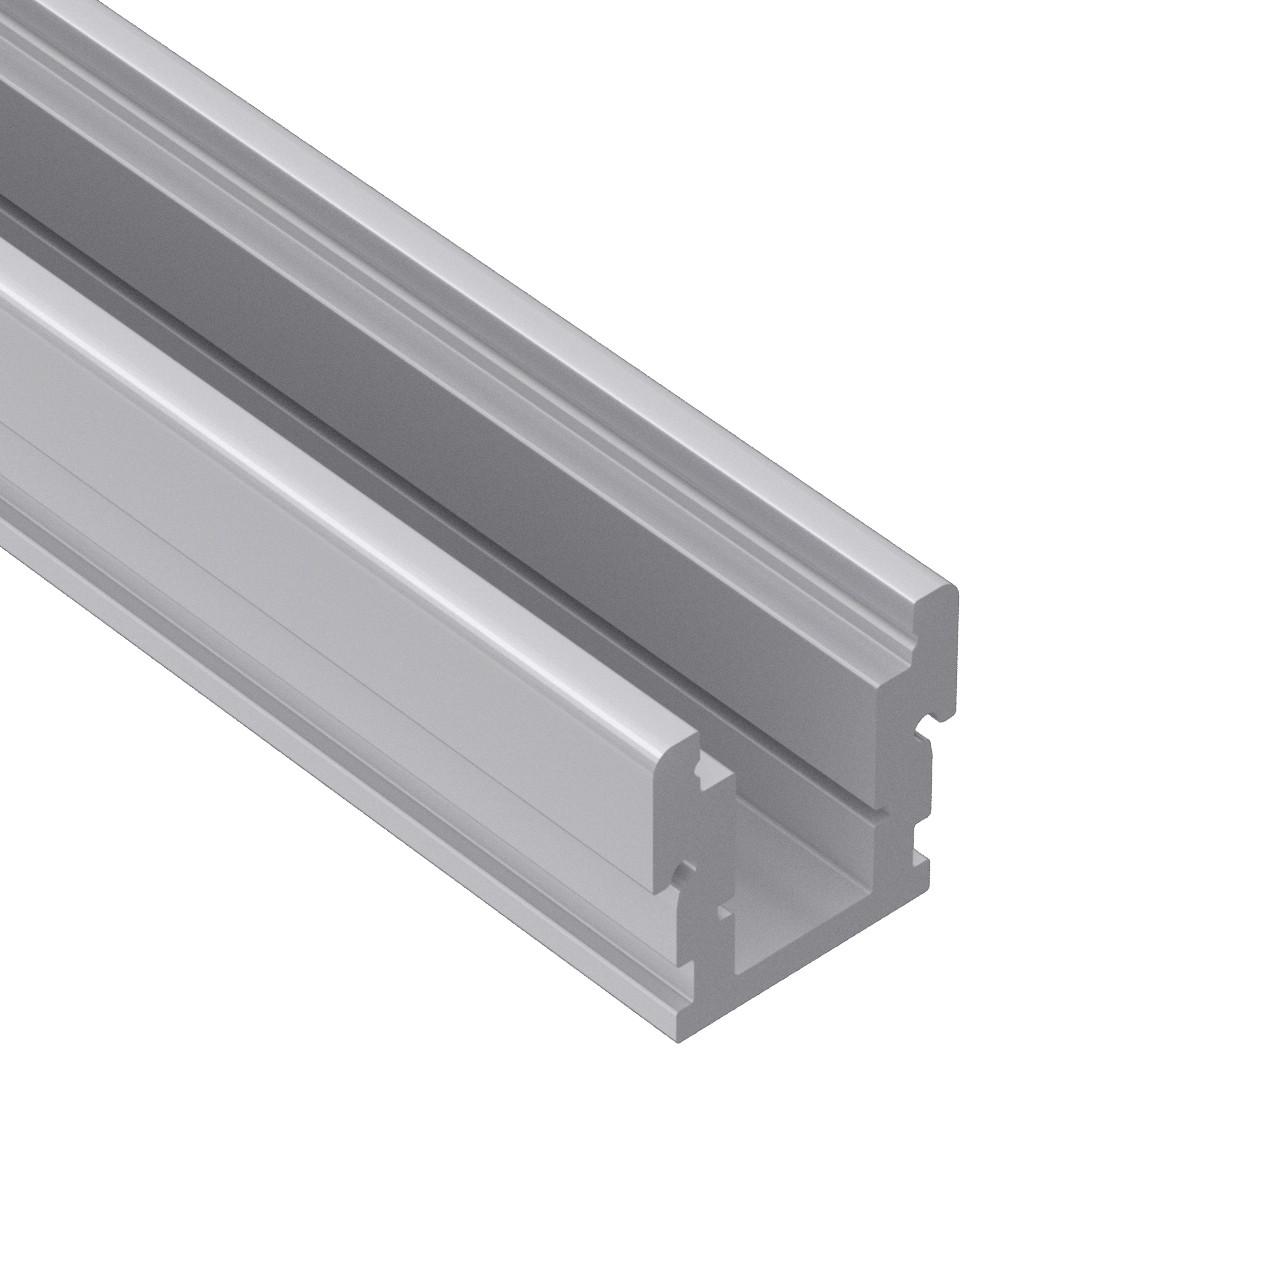 AF1 Boden IP67 Led Aluminium-Profil